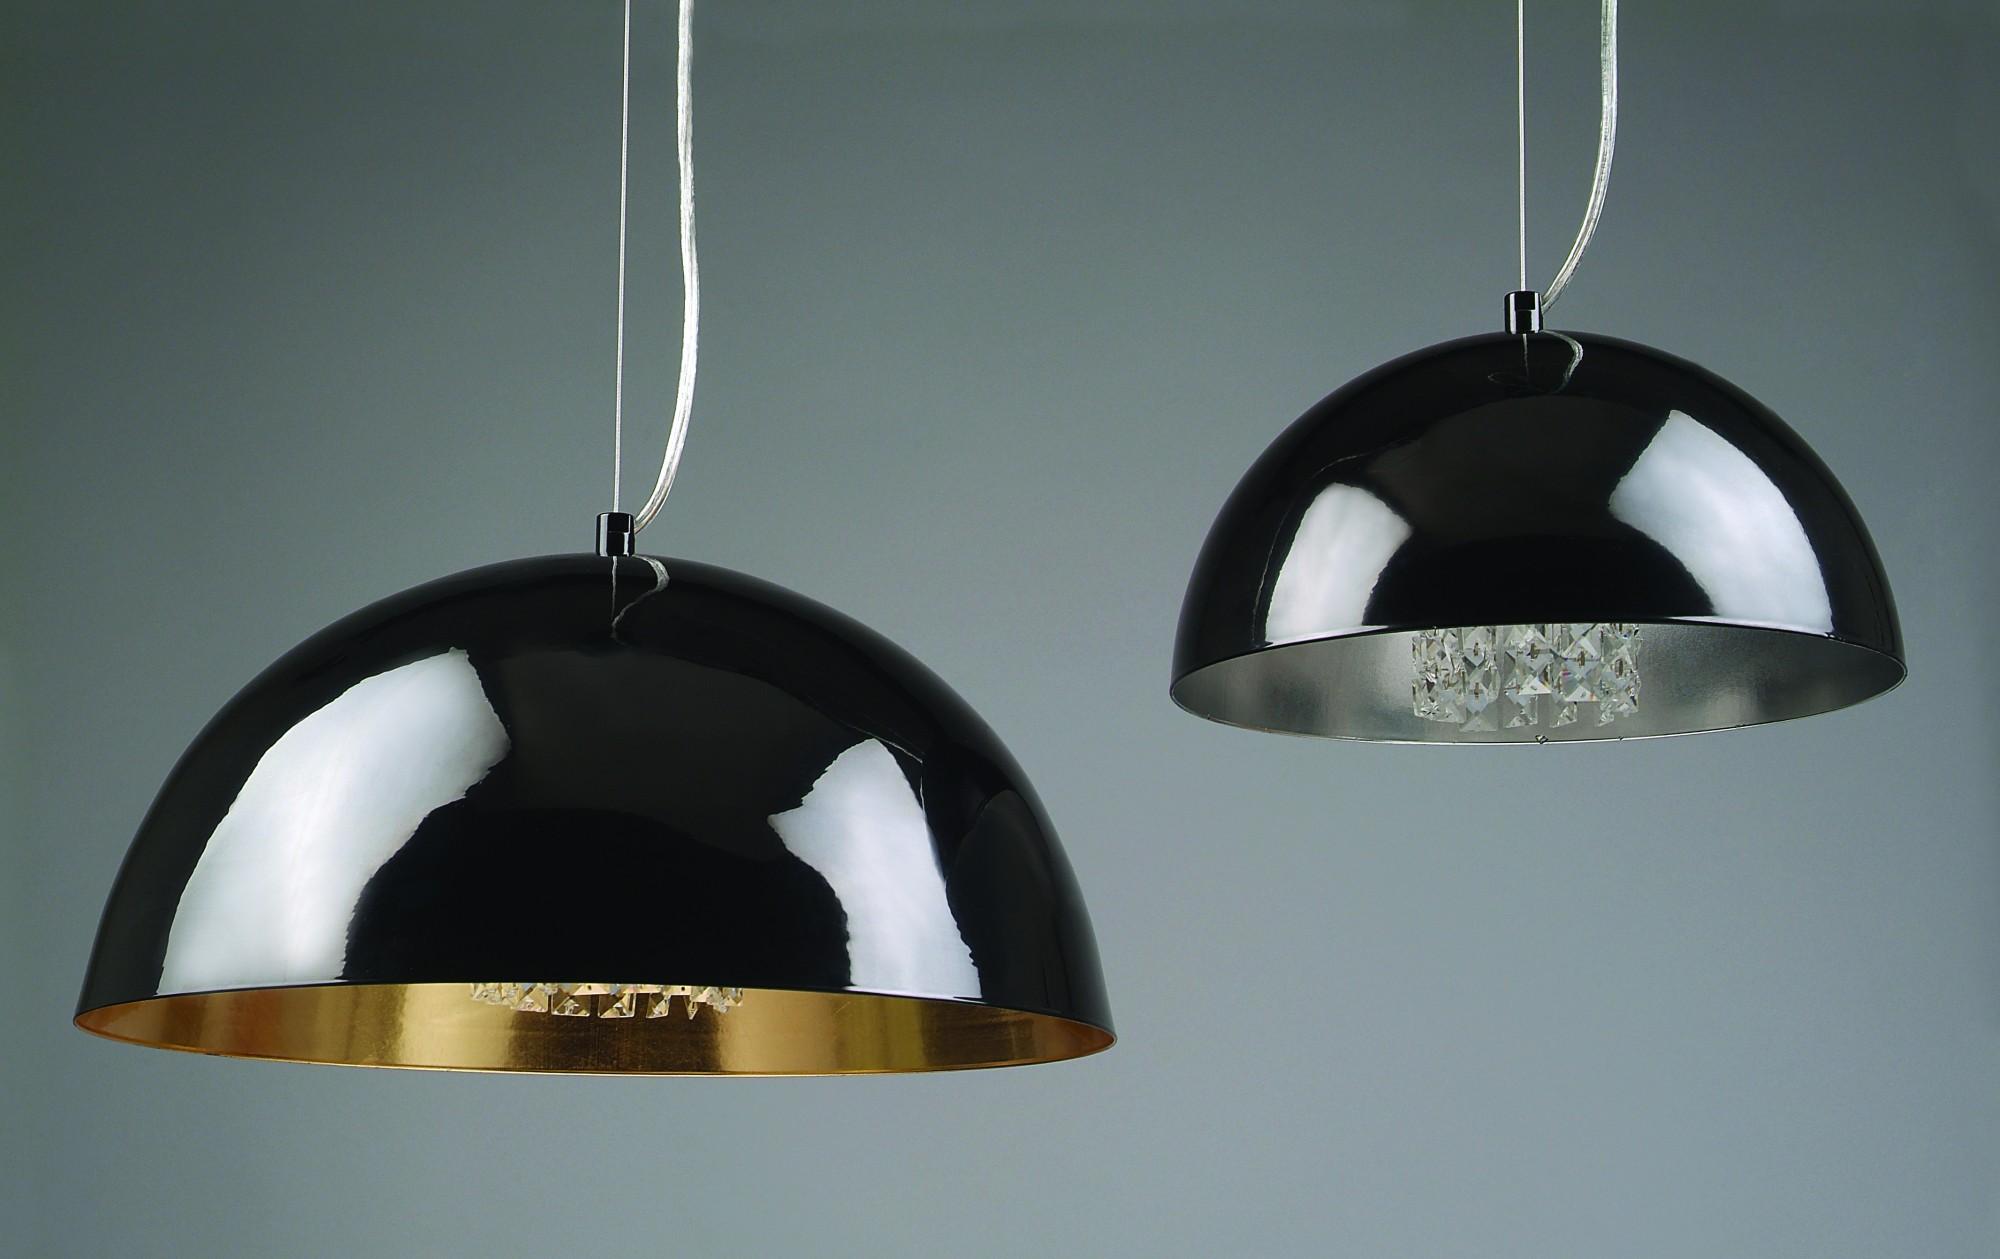 Светильники для дизайнерского оформления дома